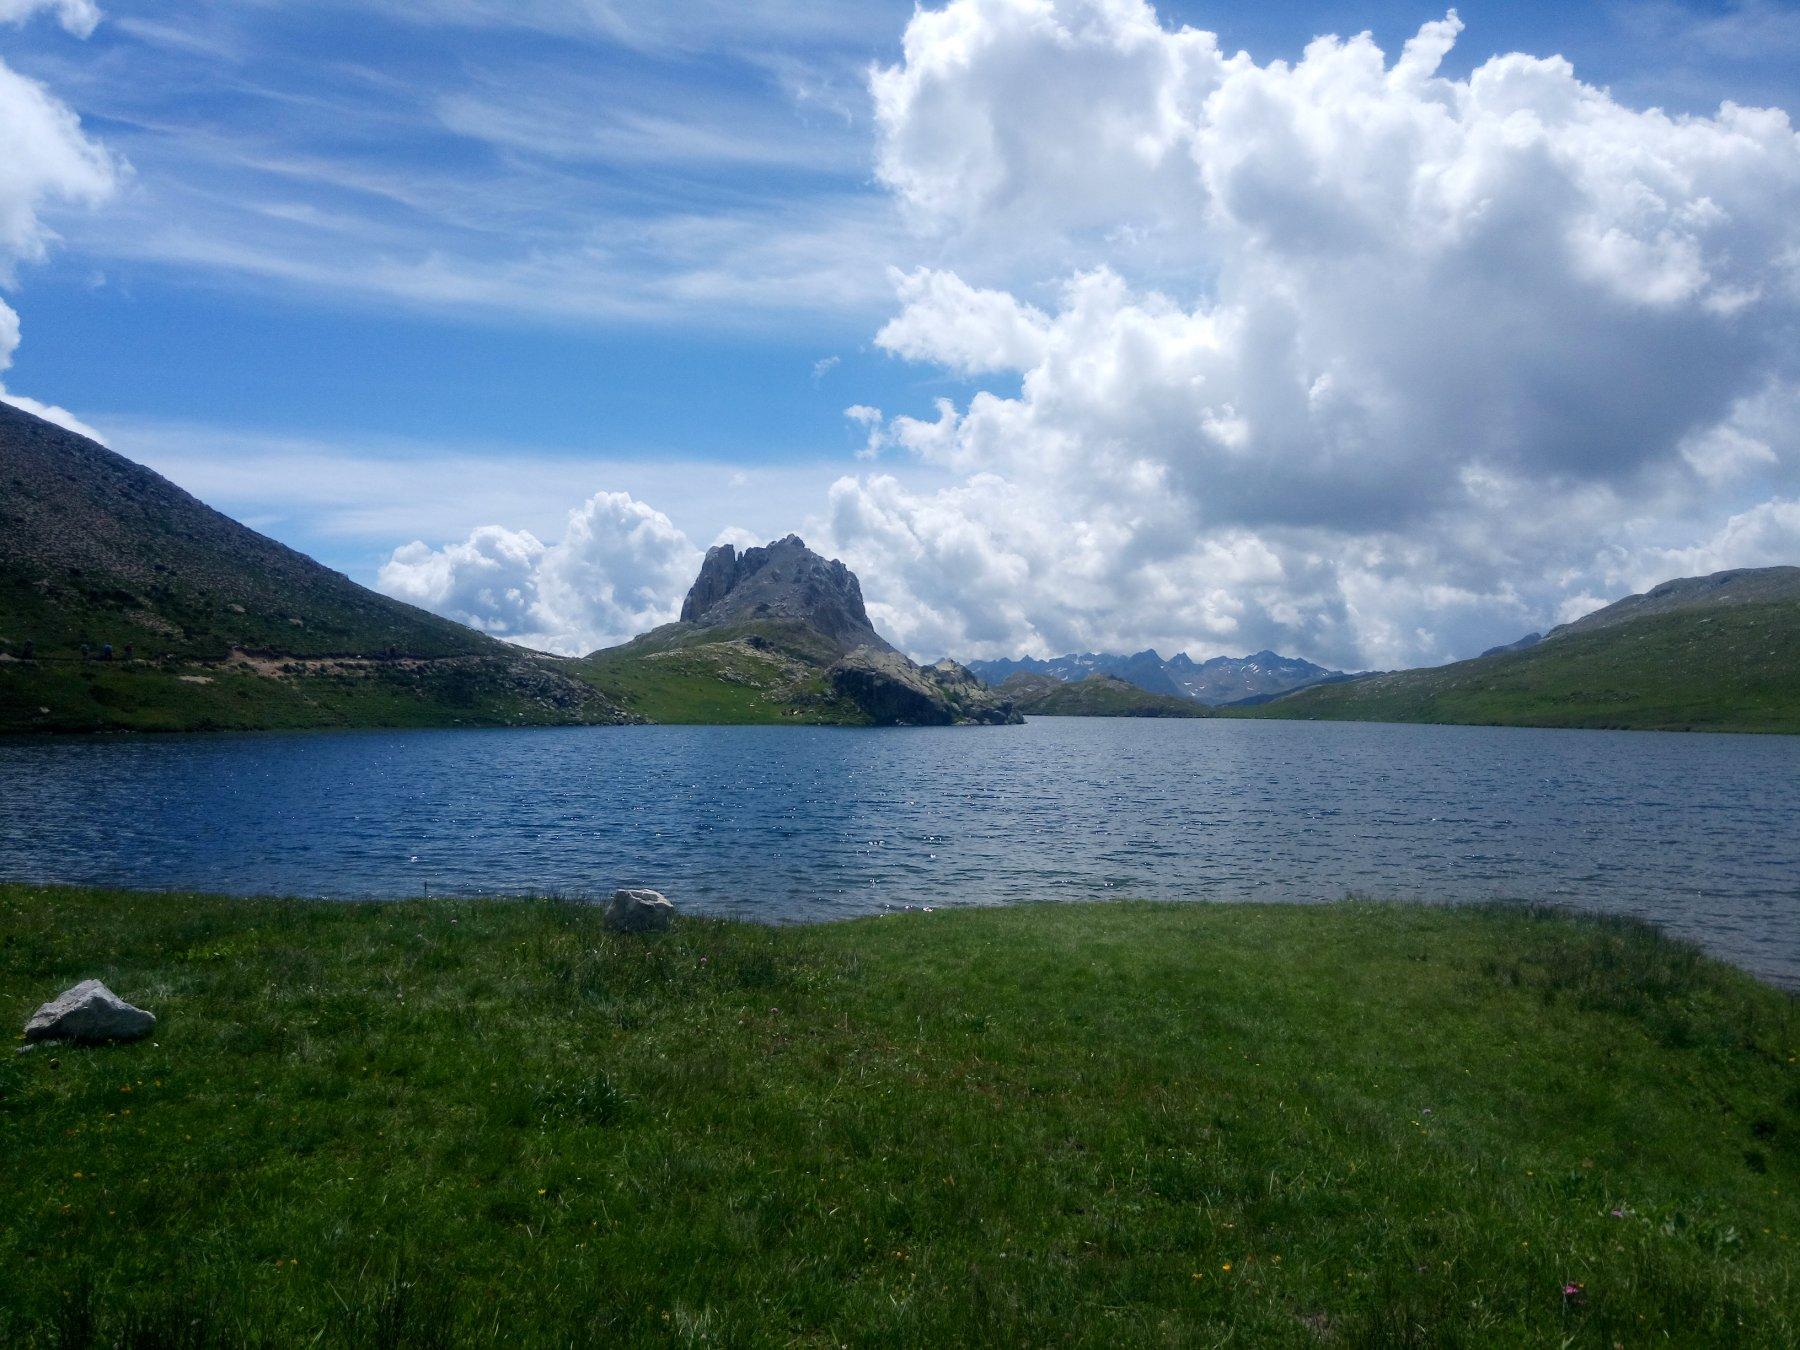 lago superiore di roburent...